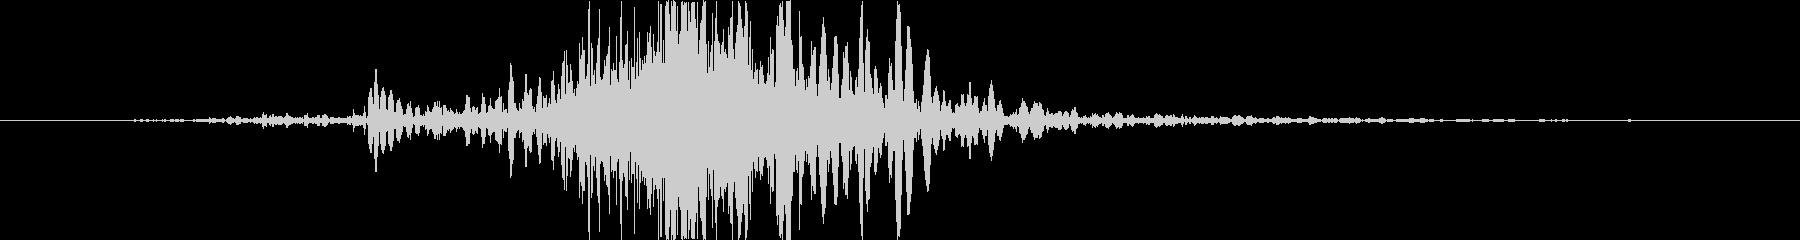 斬撃 ファイアーノイズブラストミデ...の未再生の波形